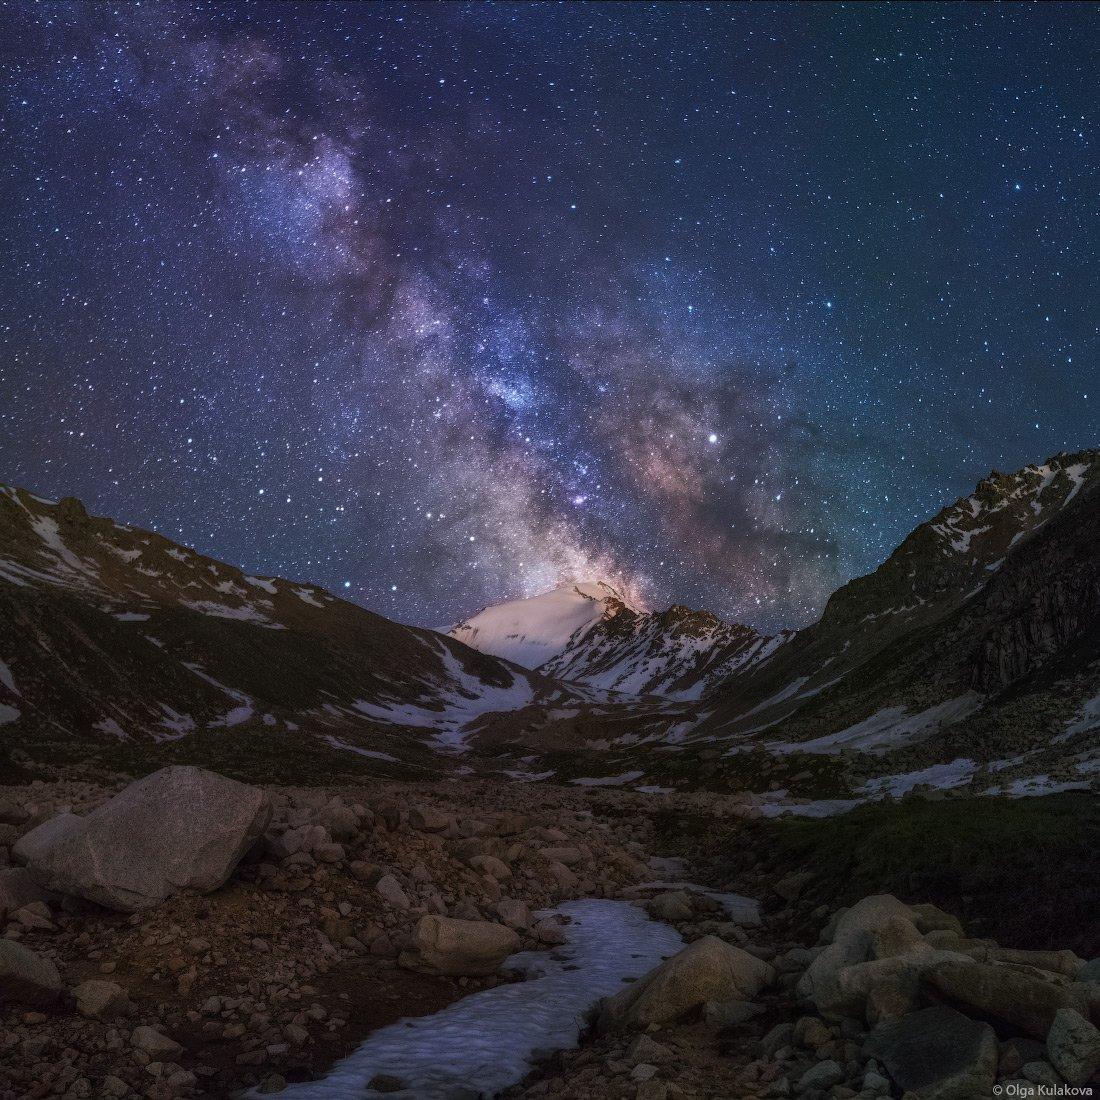 горы, млечный путь, пик советов, кумбельсу, заилийский алатау, ночное небо, Ольга Кулакова